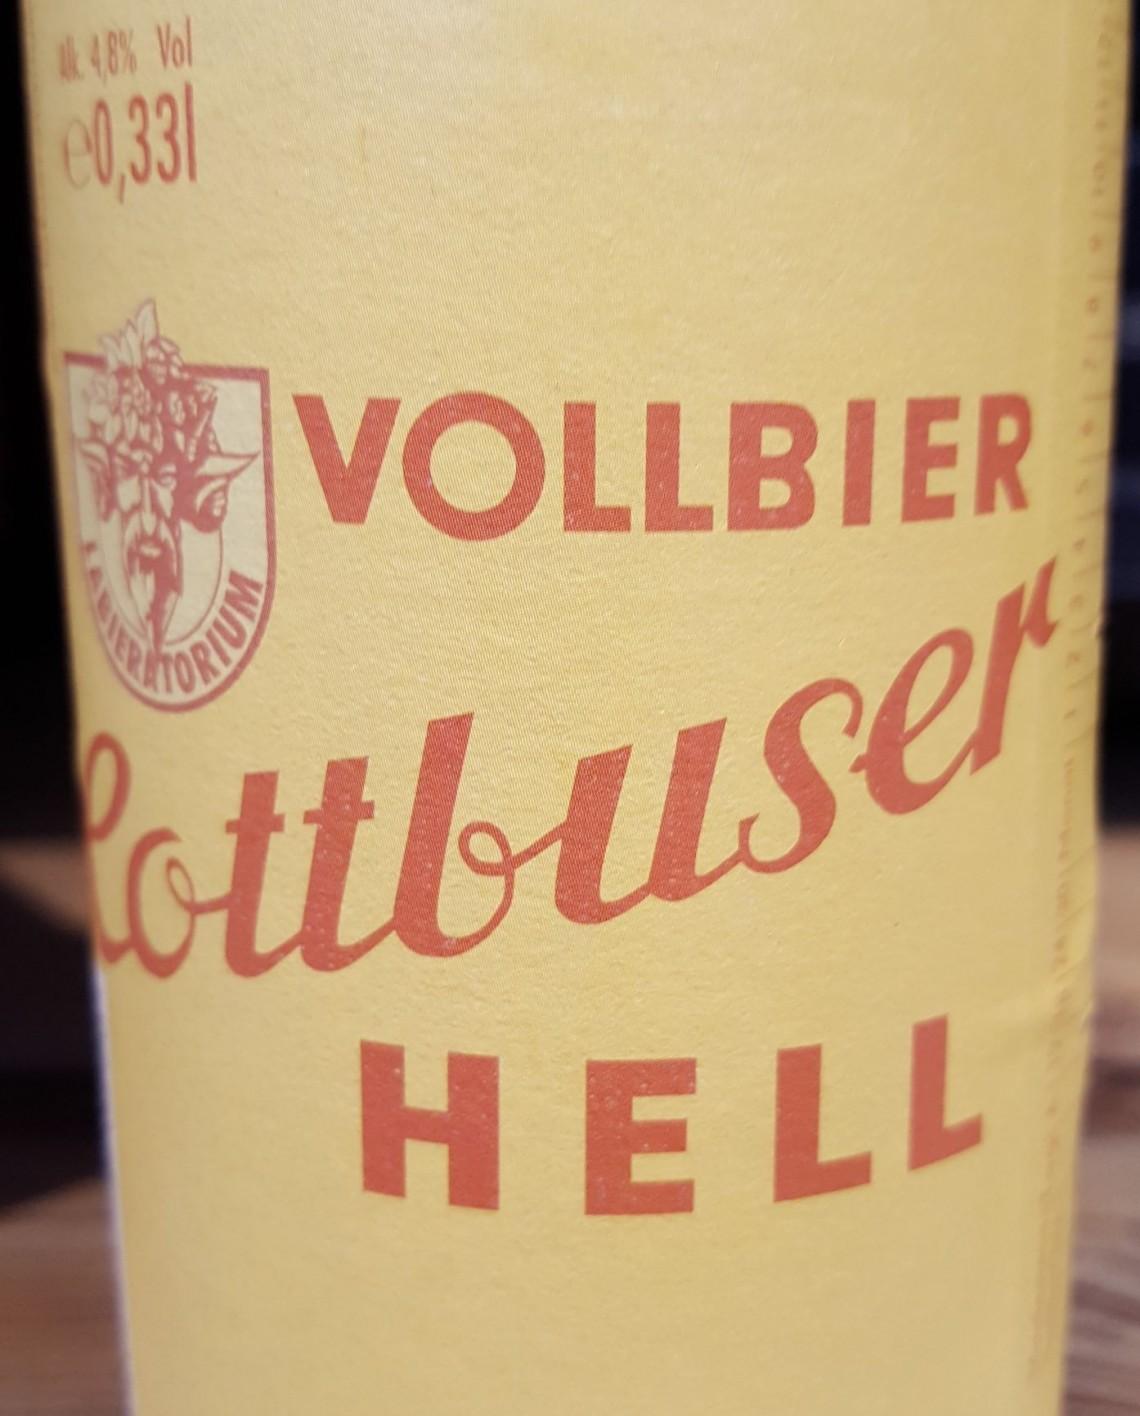 craftbeer-dealer.com_cottbuser_hell